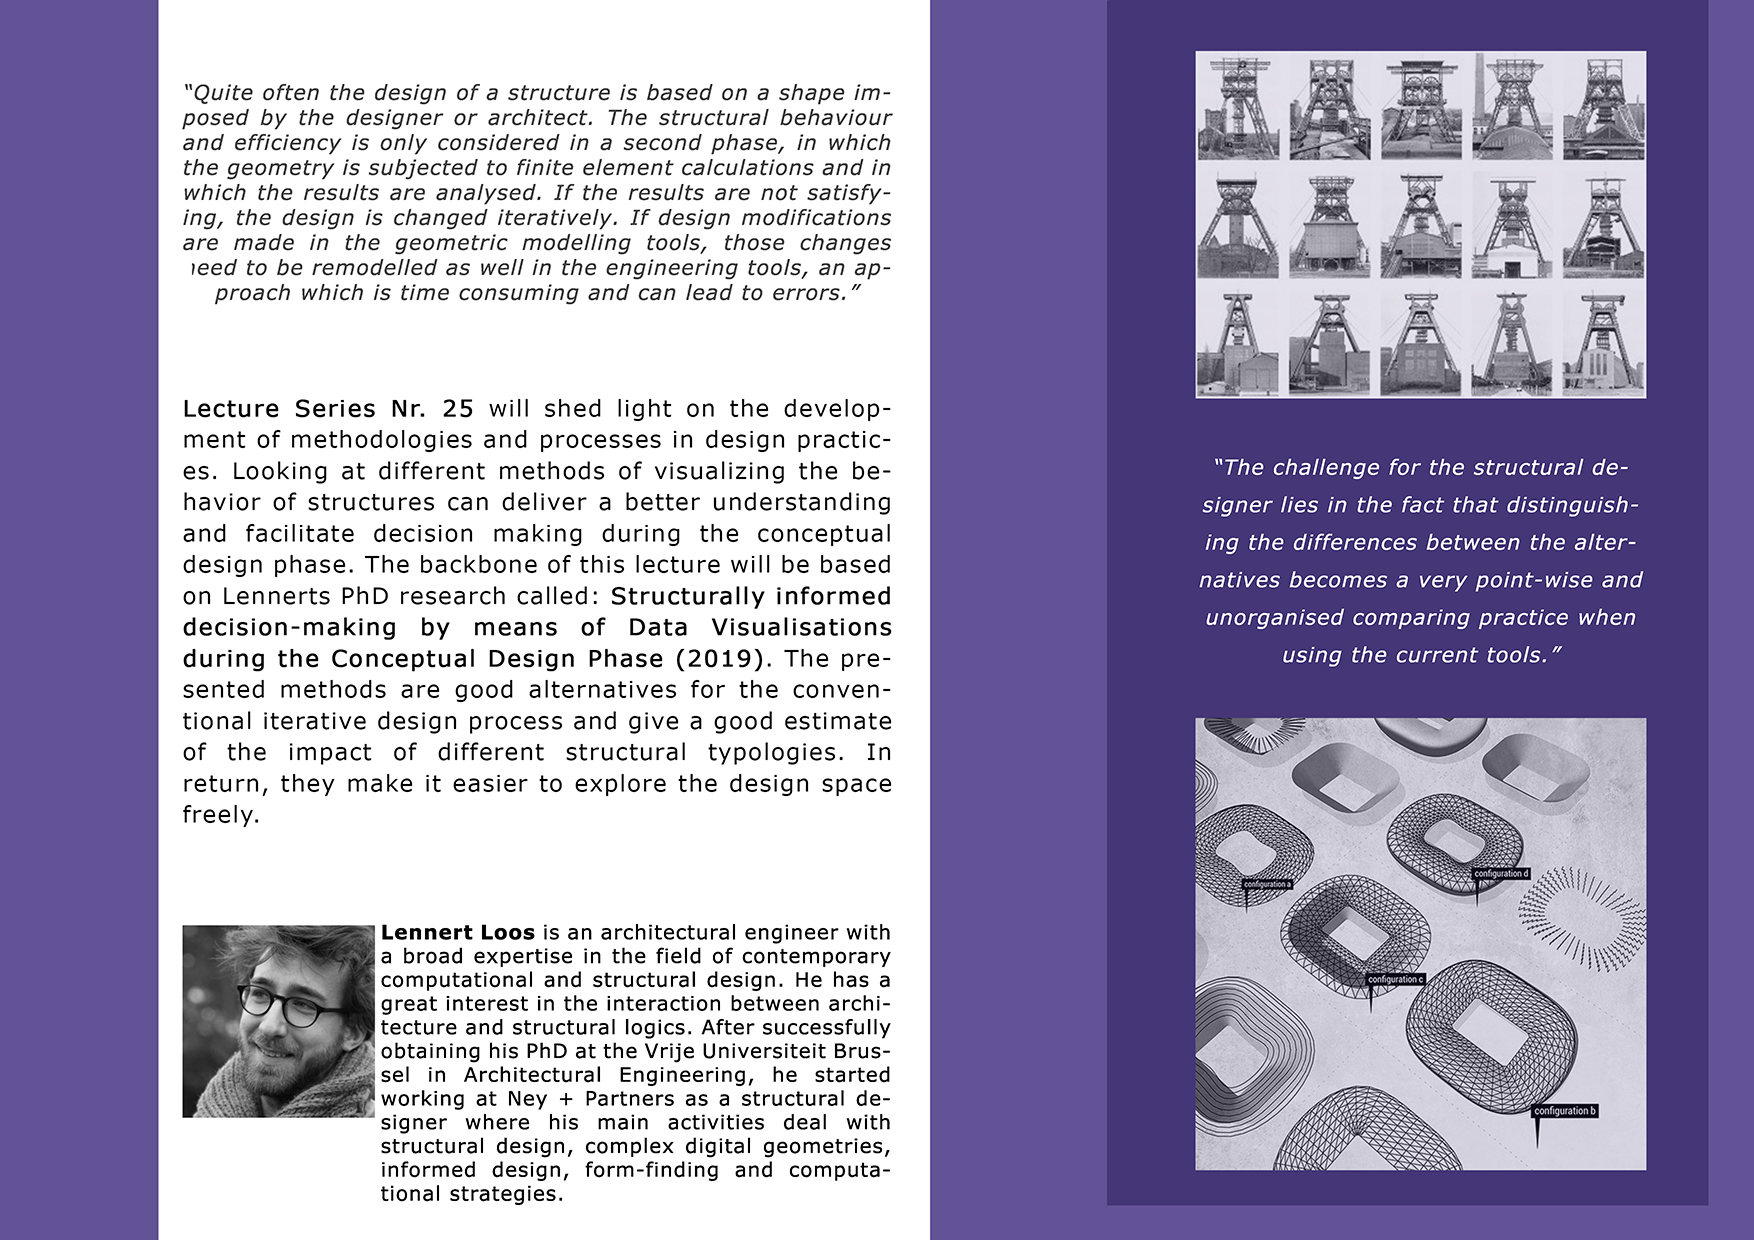 leaflet_lennert_loos_pagina_2lr